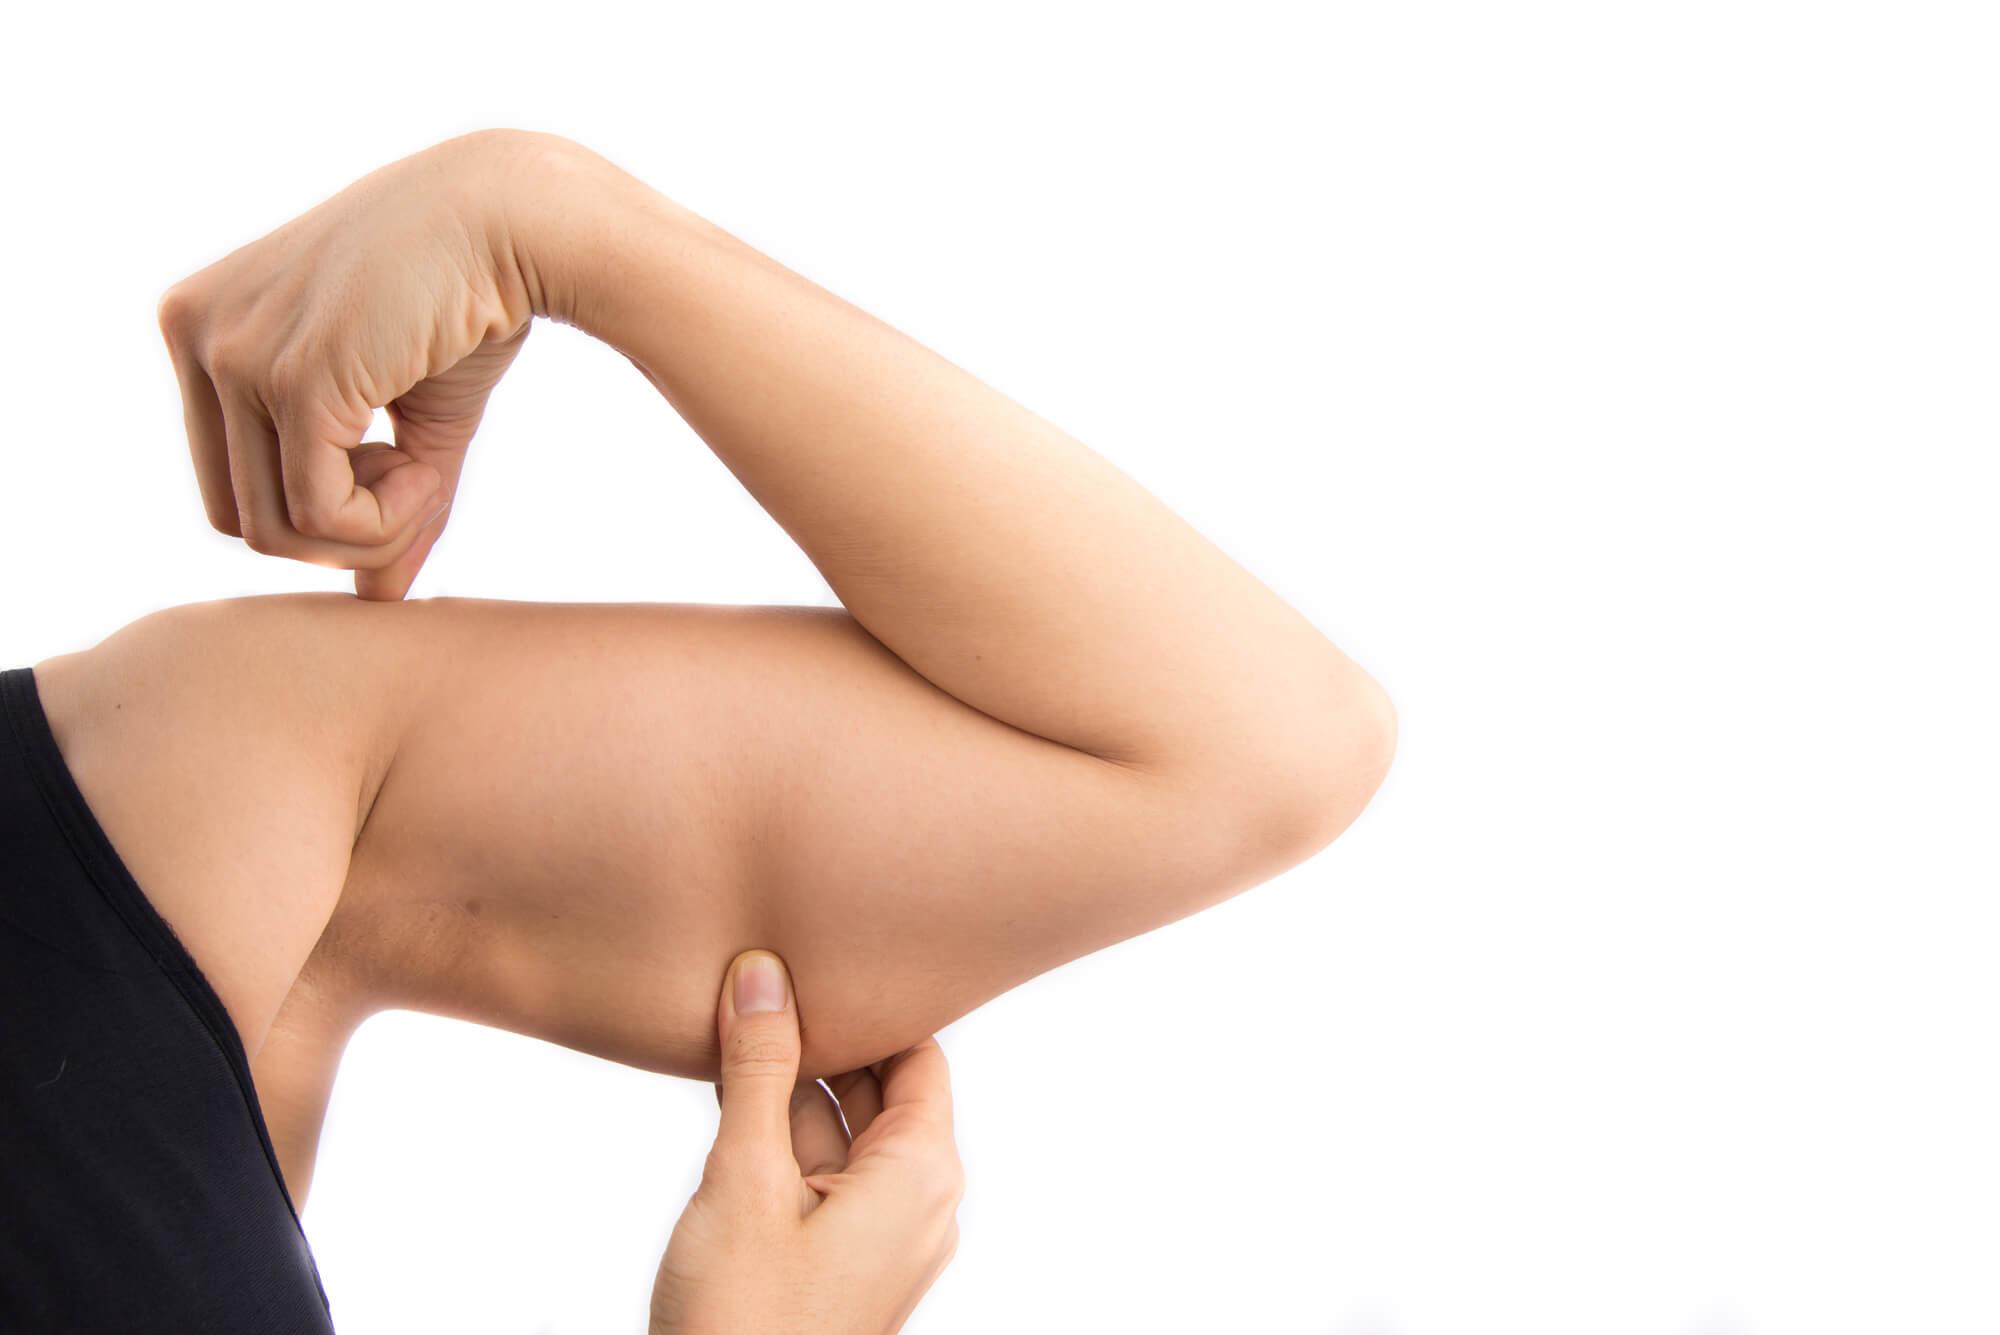 Ejercicios-para-eliminar-la-flacidez-de-los-brazos